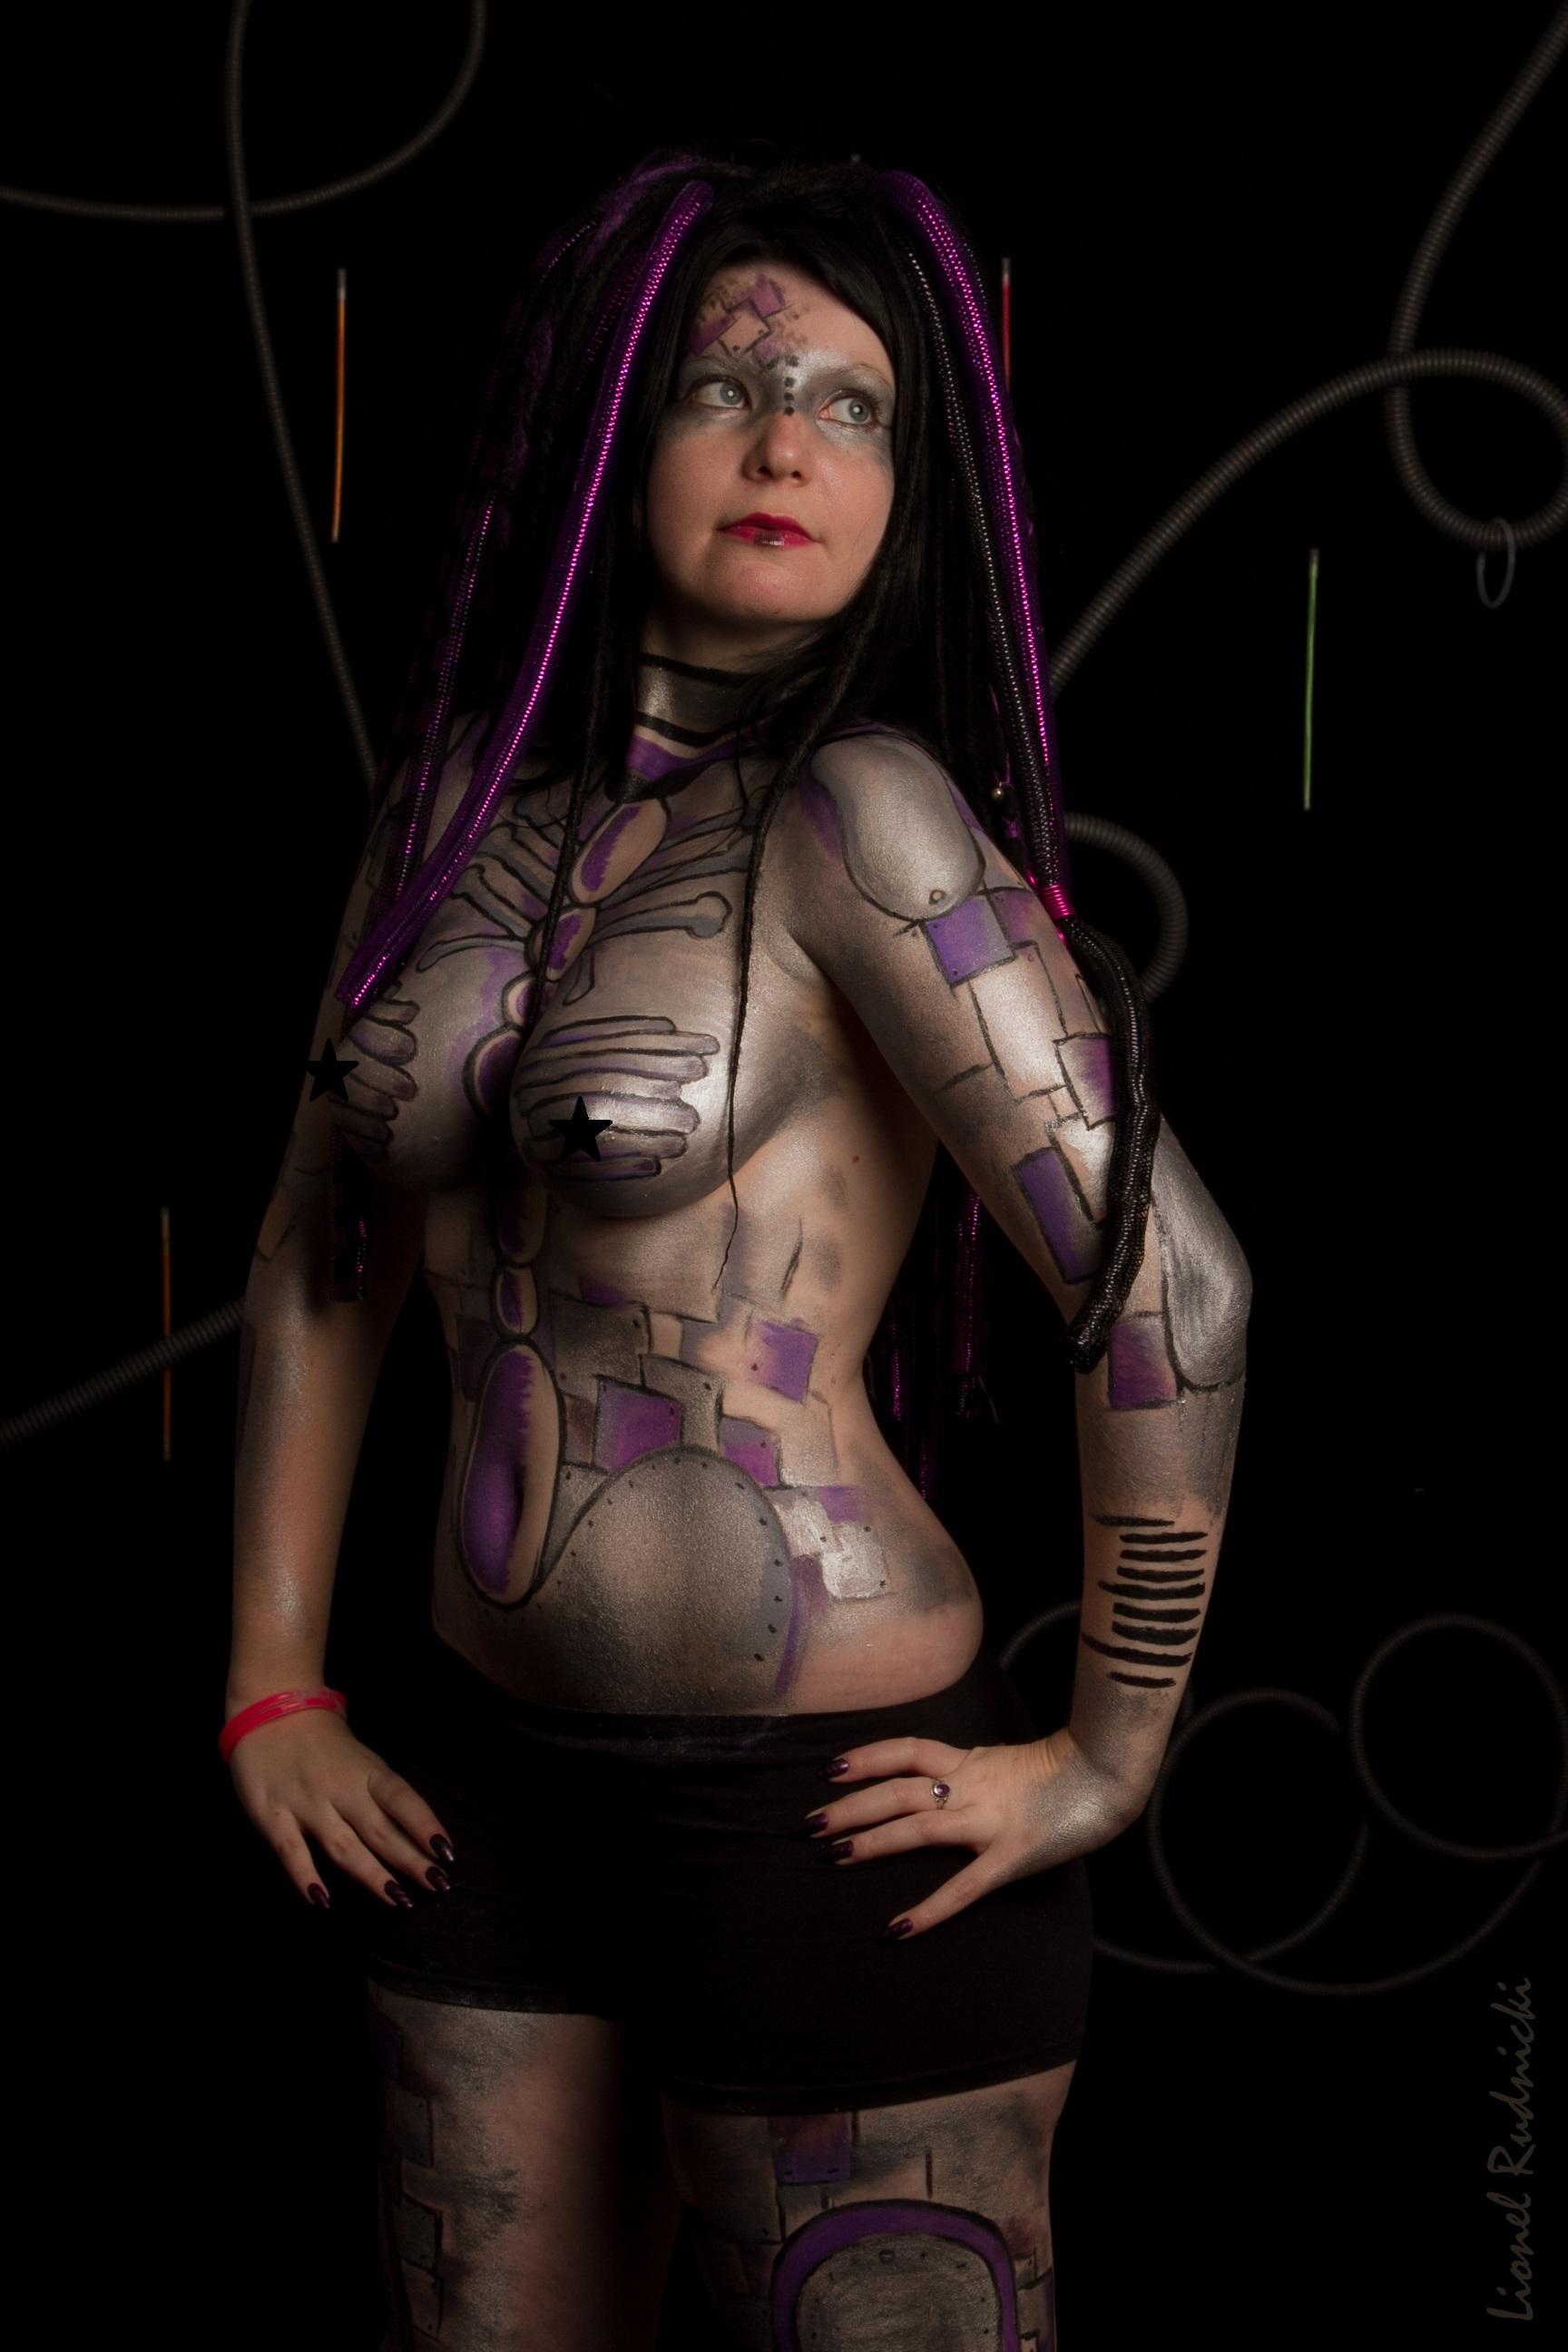 Cyber body paint